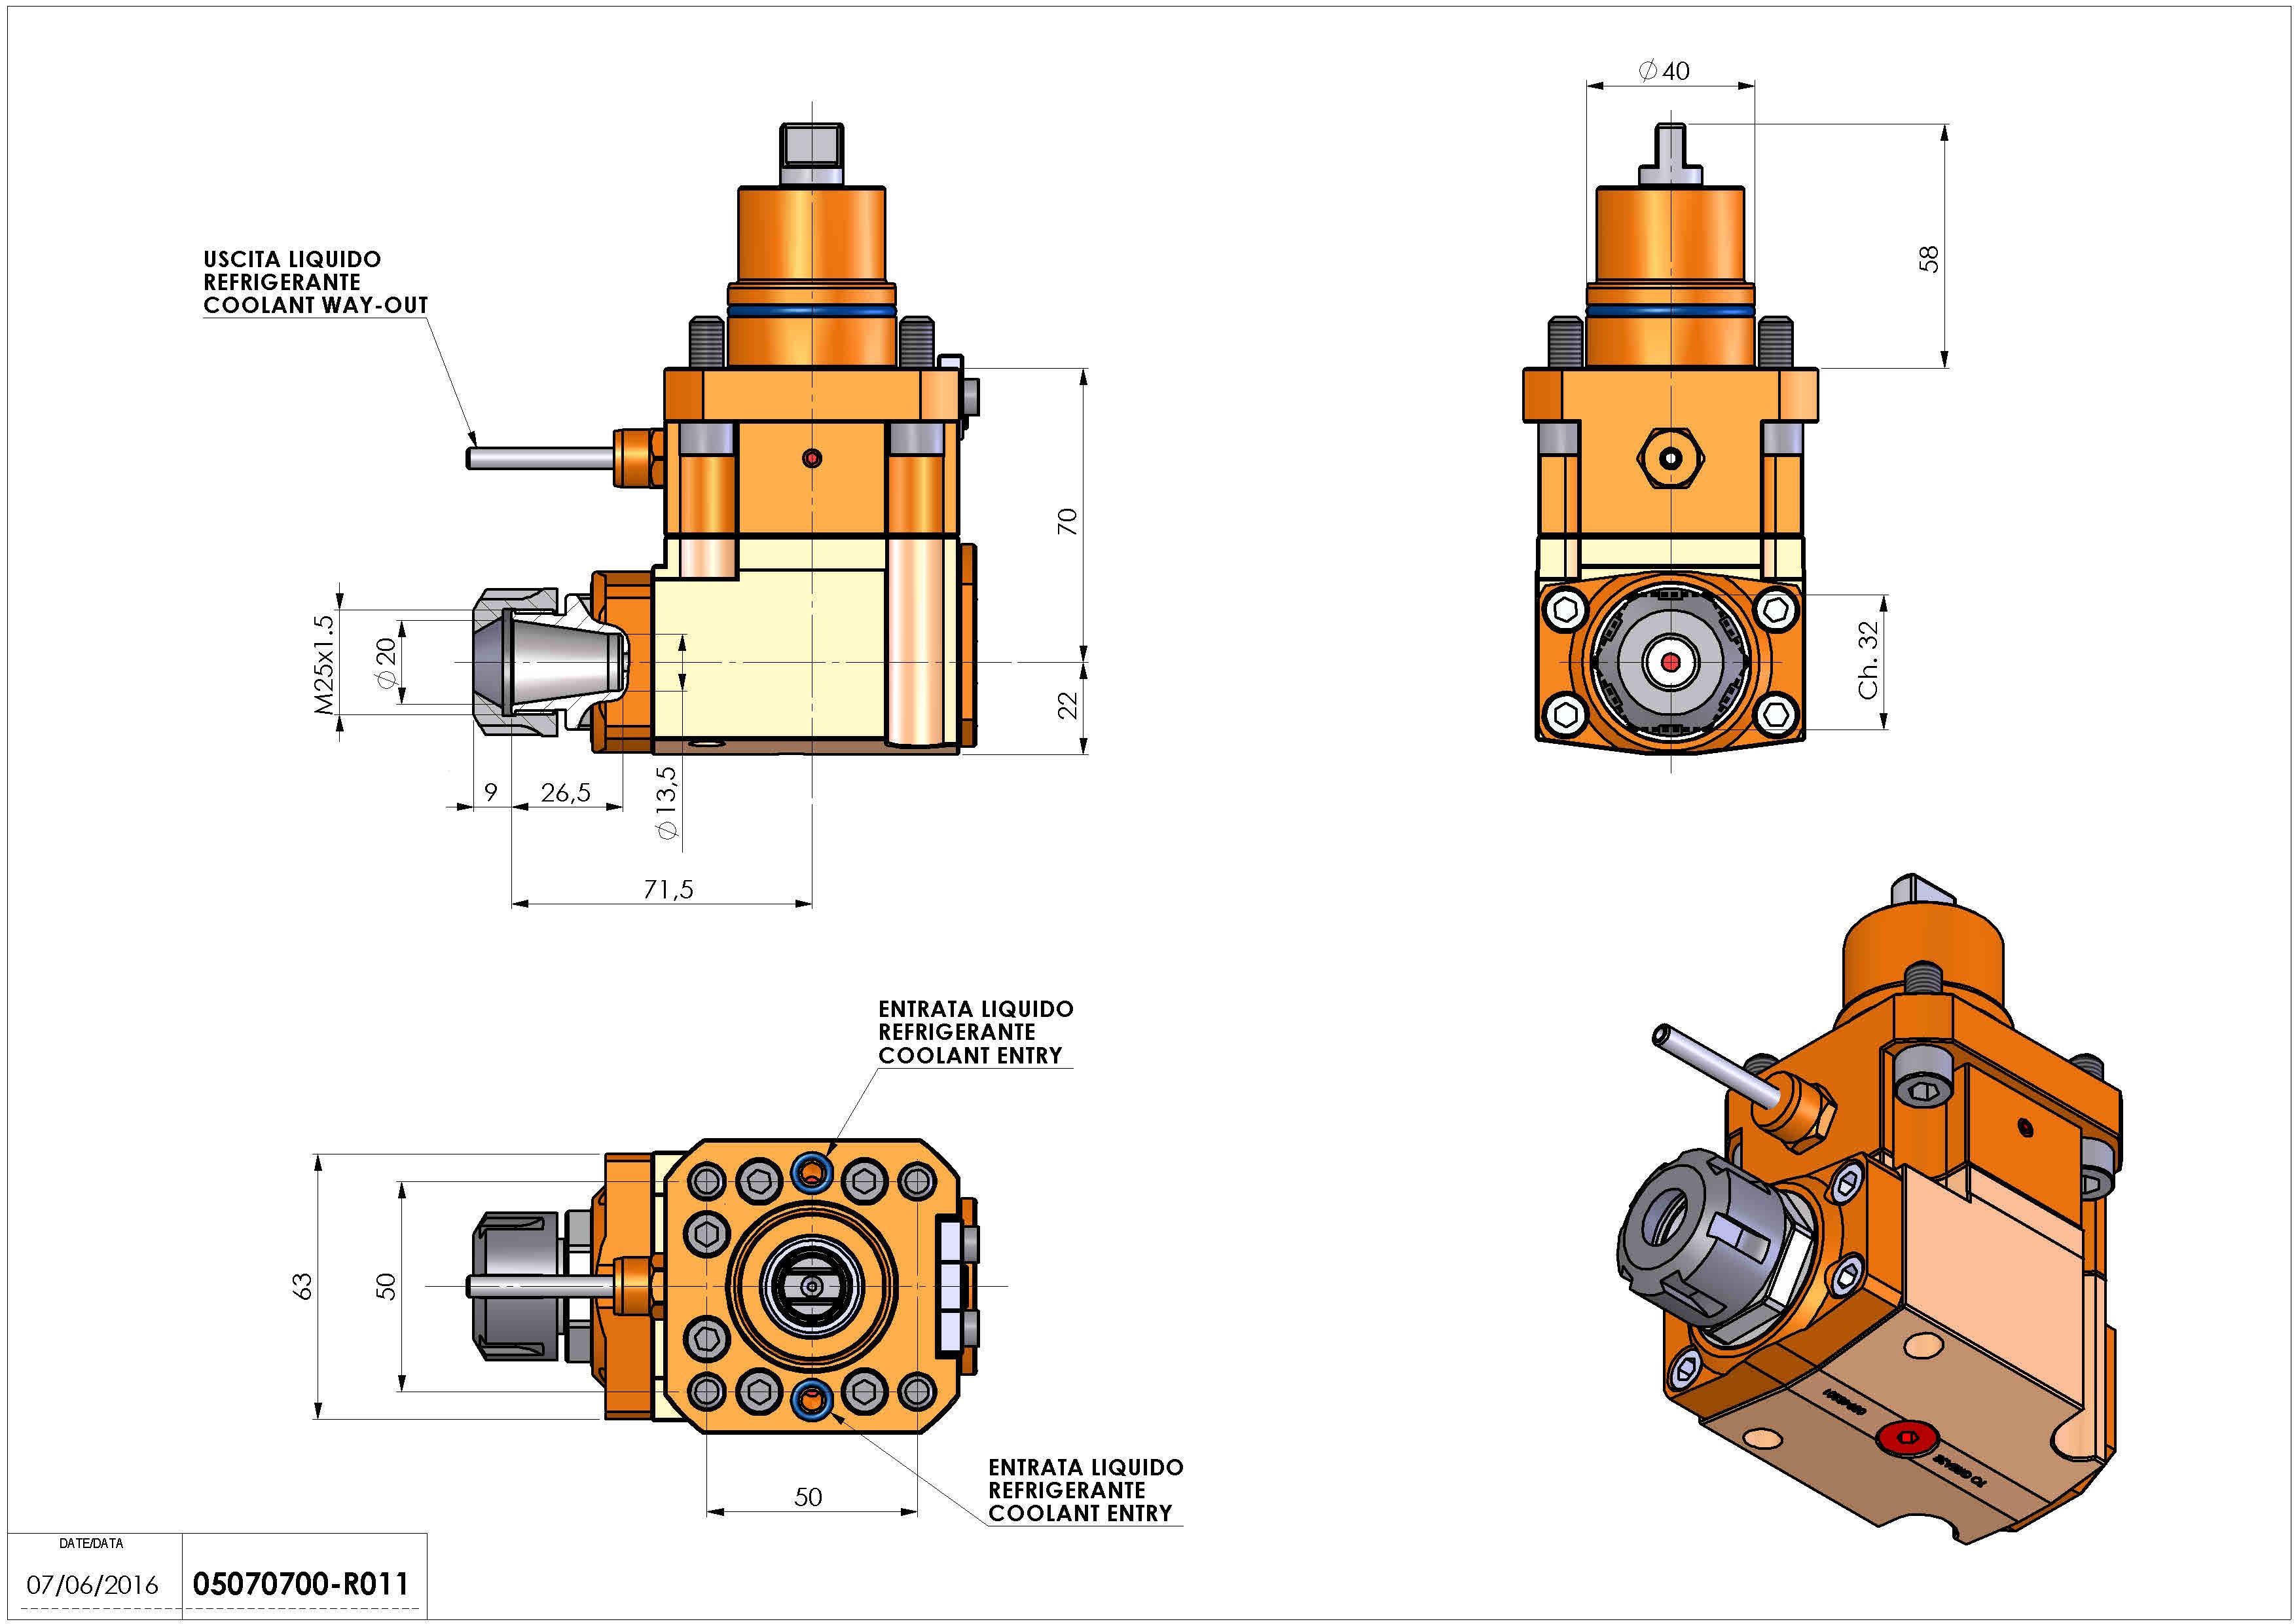 Technical image - LT-A D40 ER20 LR H70 BI.